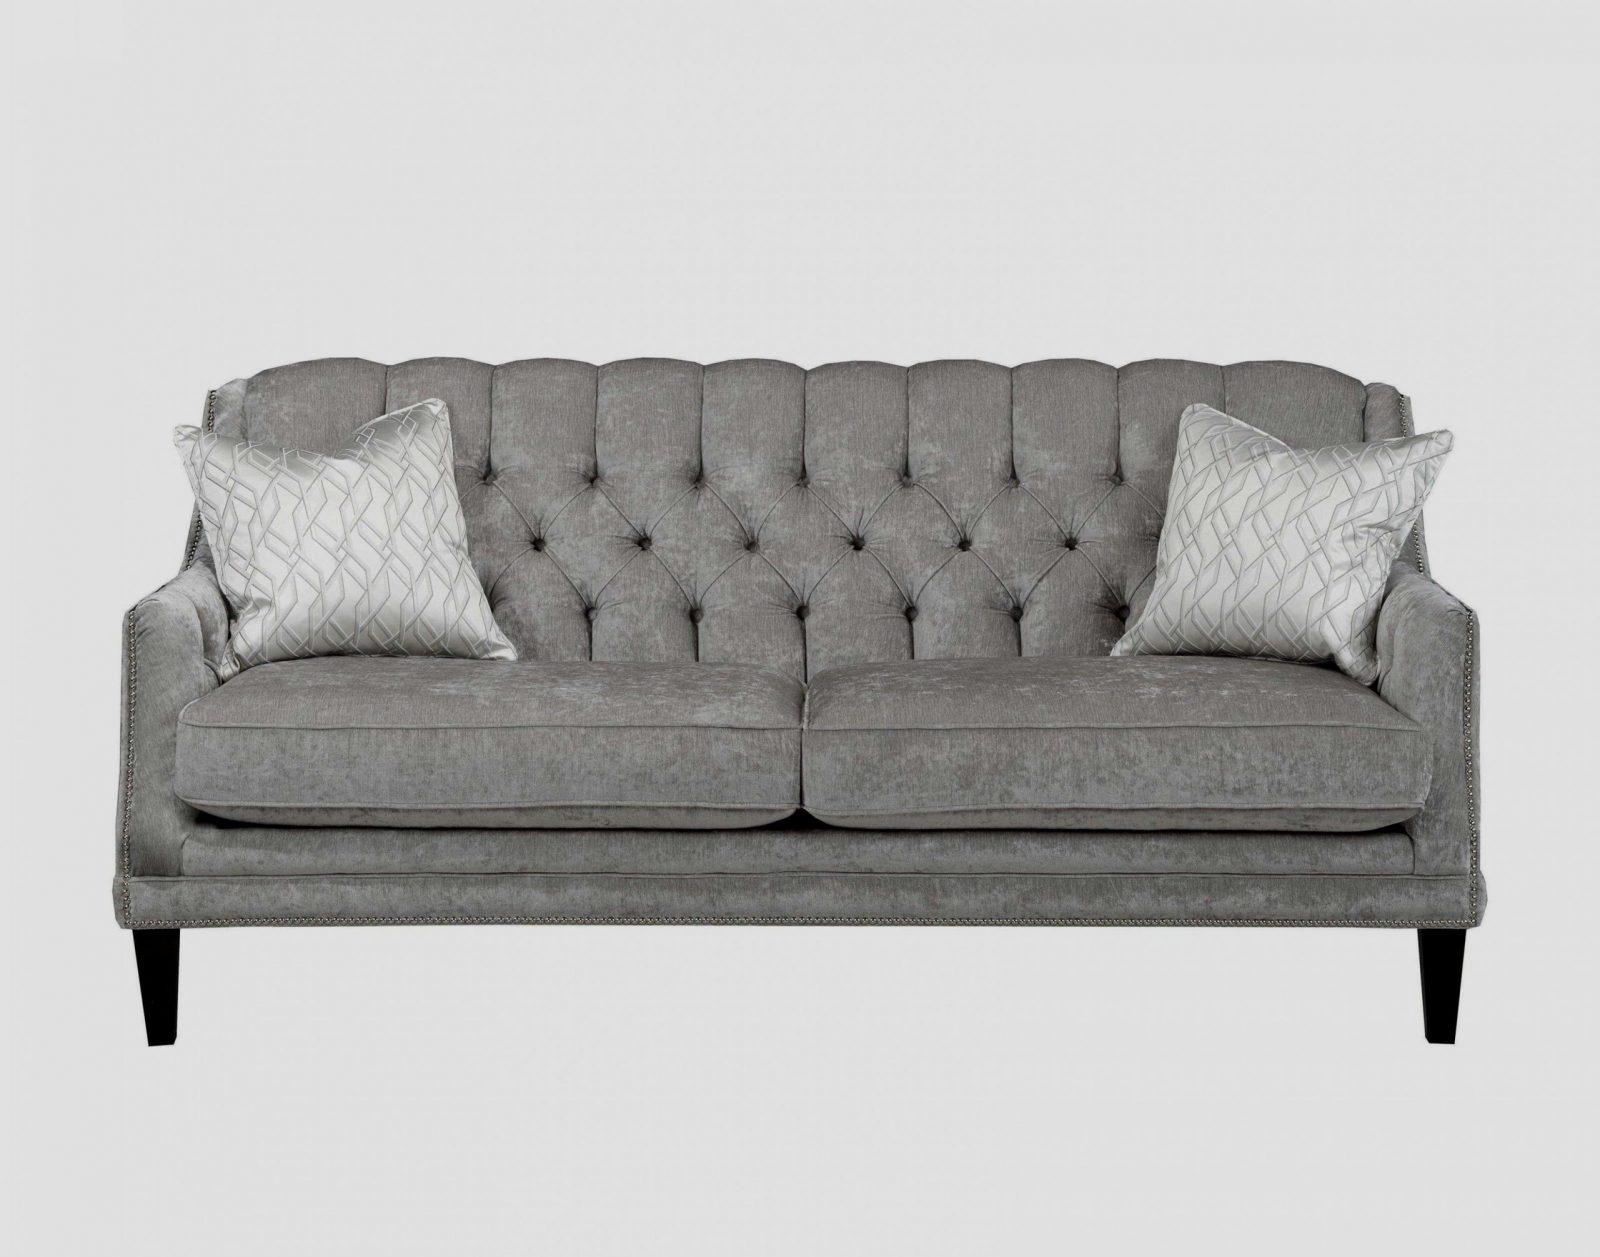 Stock Sofas Bien Jugendzimmer Sofa Einzigartig Kleine Couch Mit von Kleine Couch Für Jugendzimmer Photo